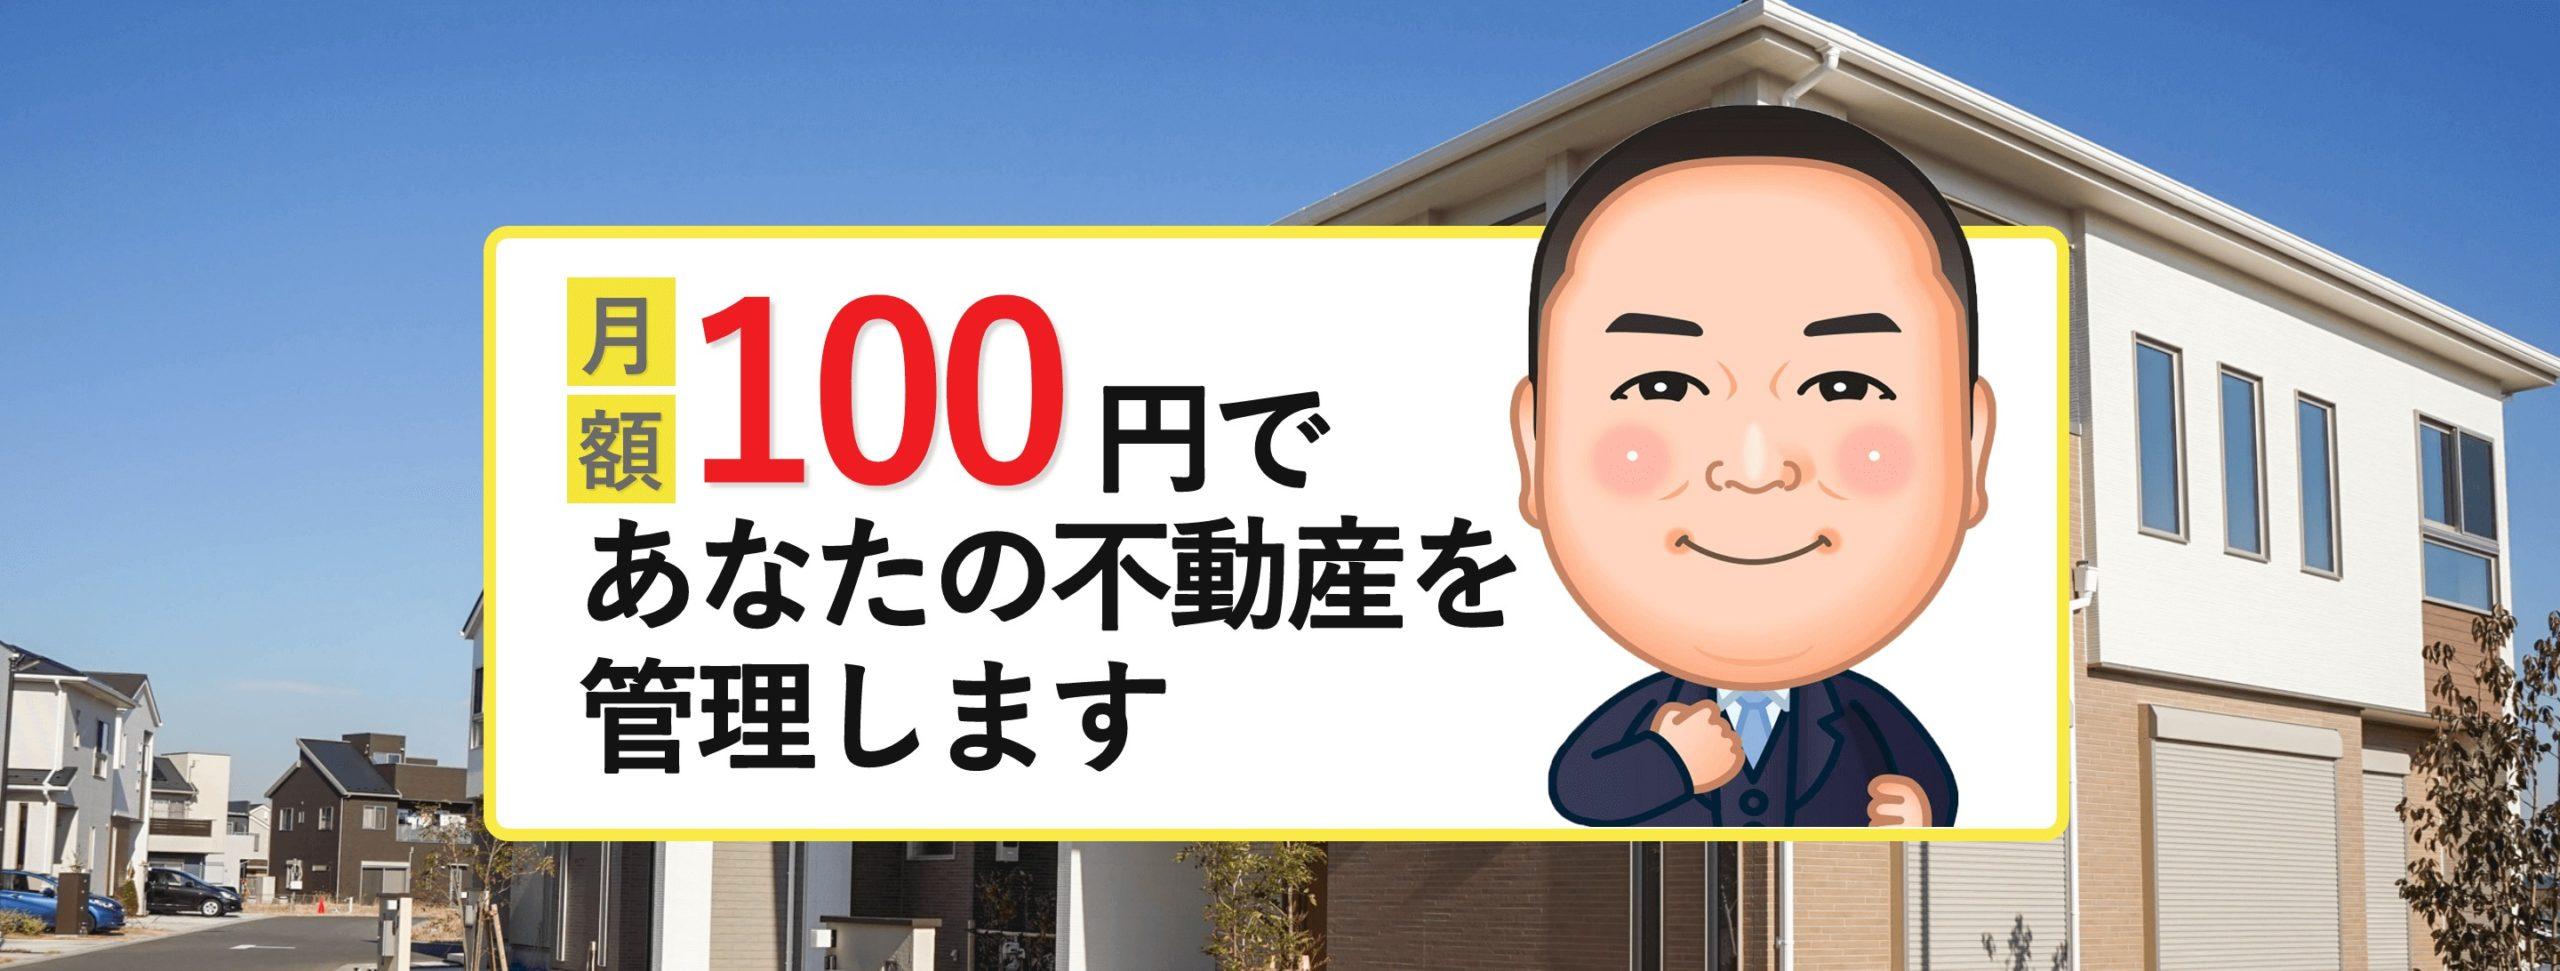 月額100円であなたの不動産を管理します